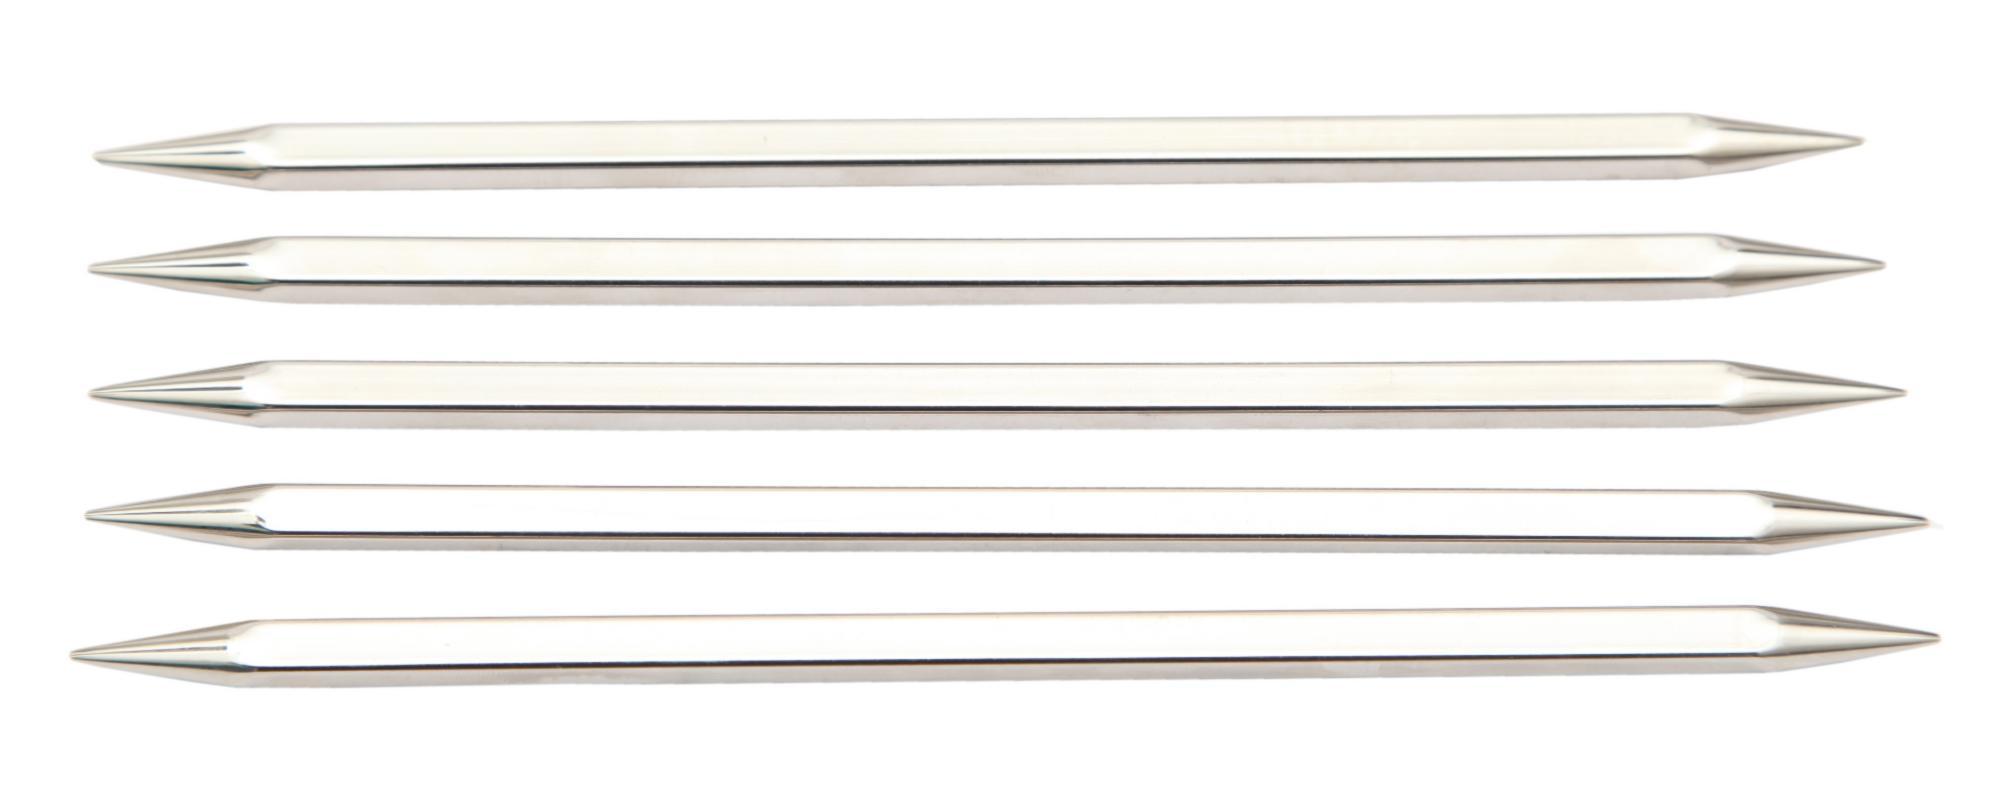 Спицы носочные 20 см Nova Cubics KnitPro, 12134, 6.50 мм